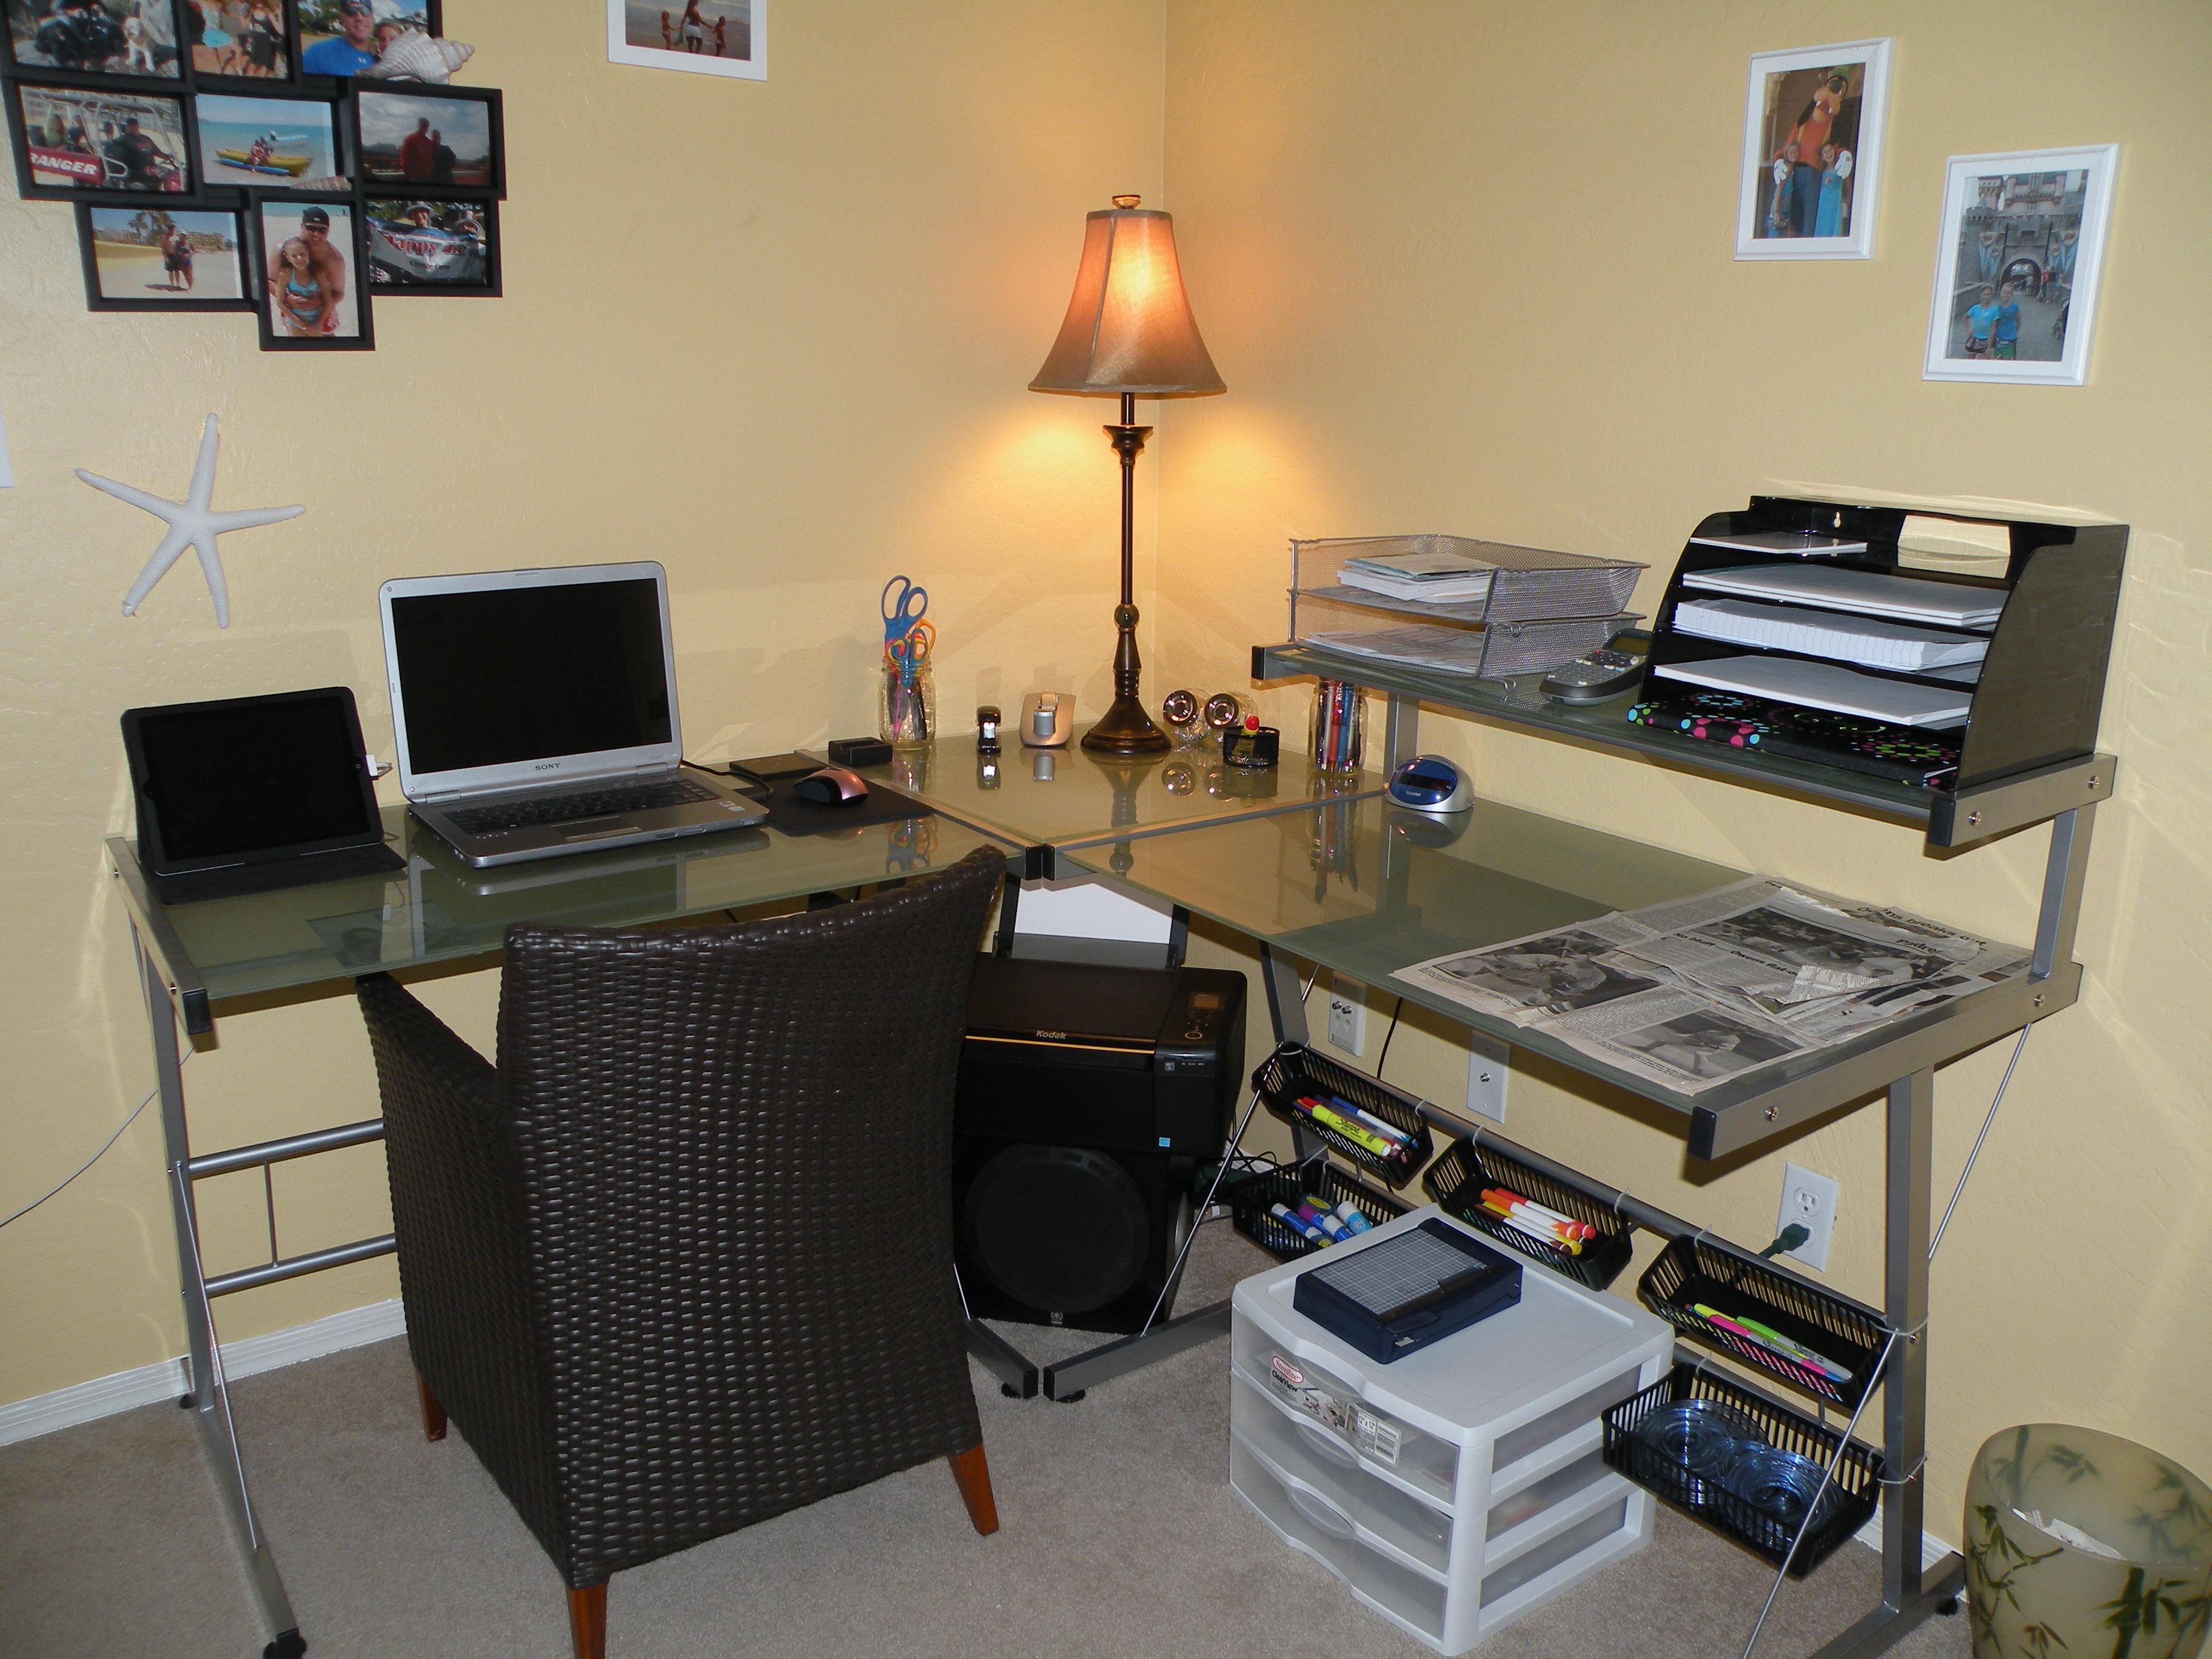 office desk ideas nifty. Here Office Desk Ideas Nifty